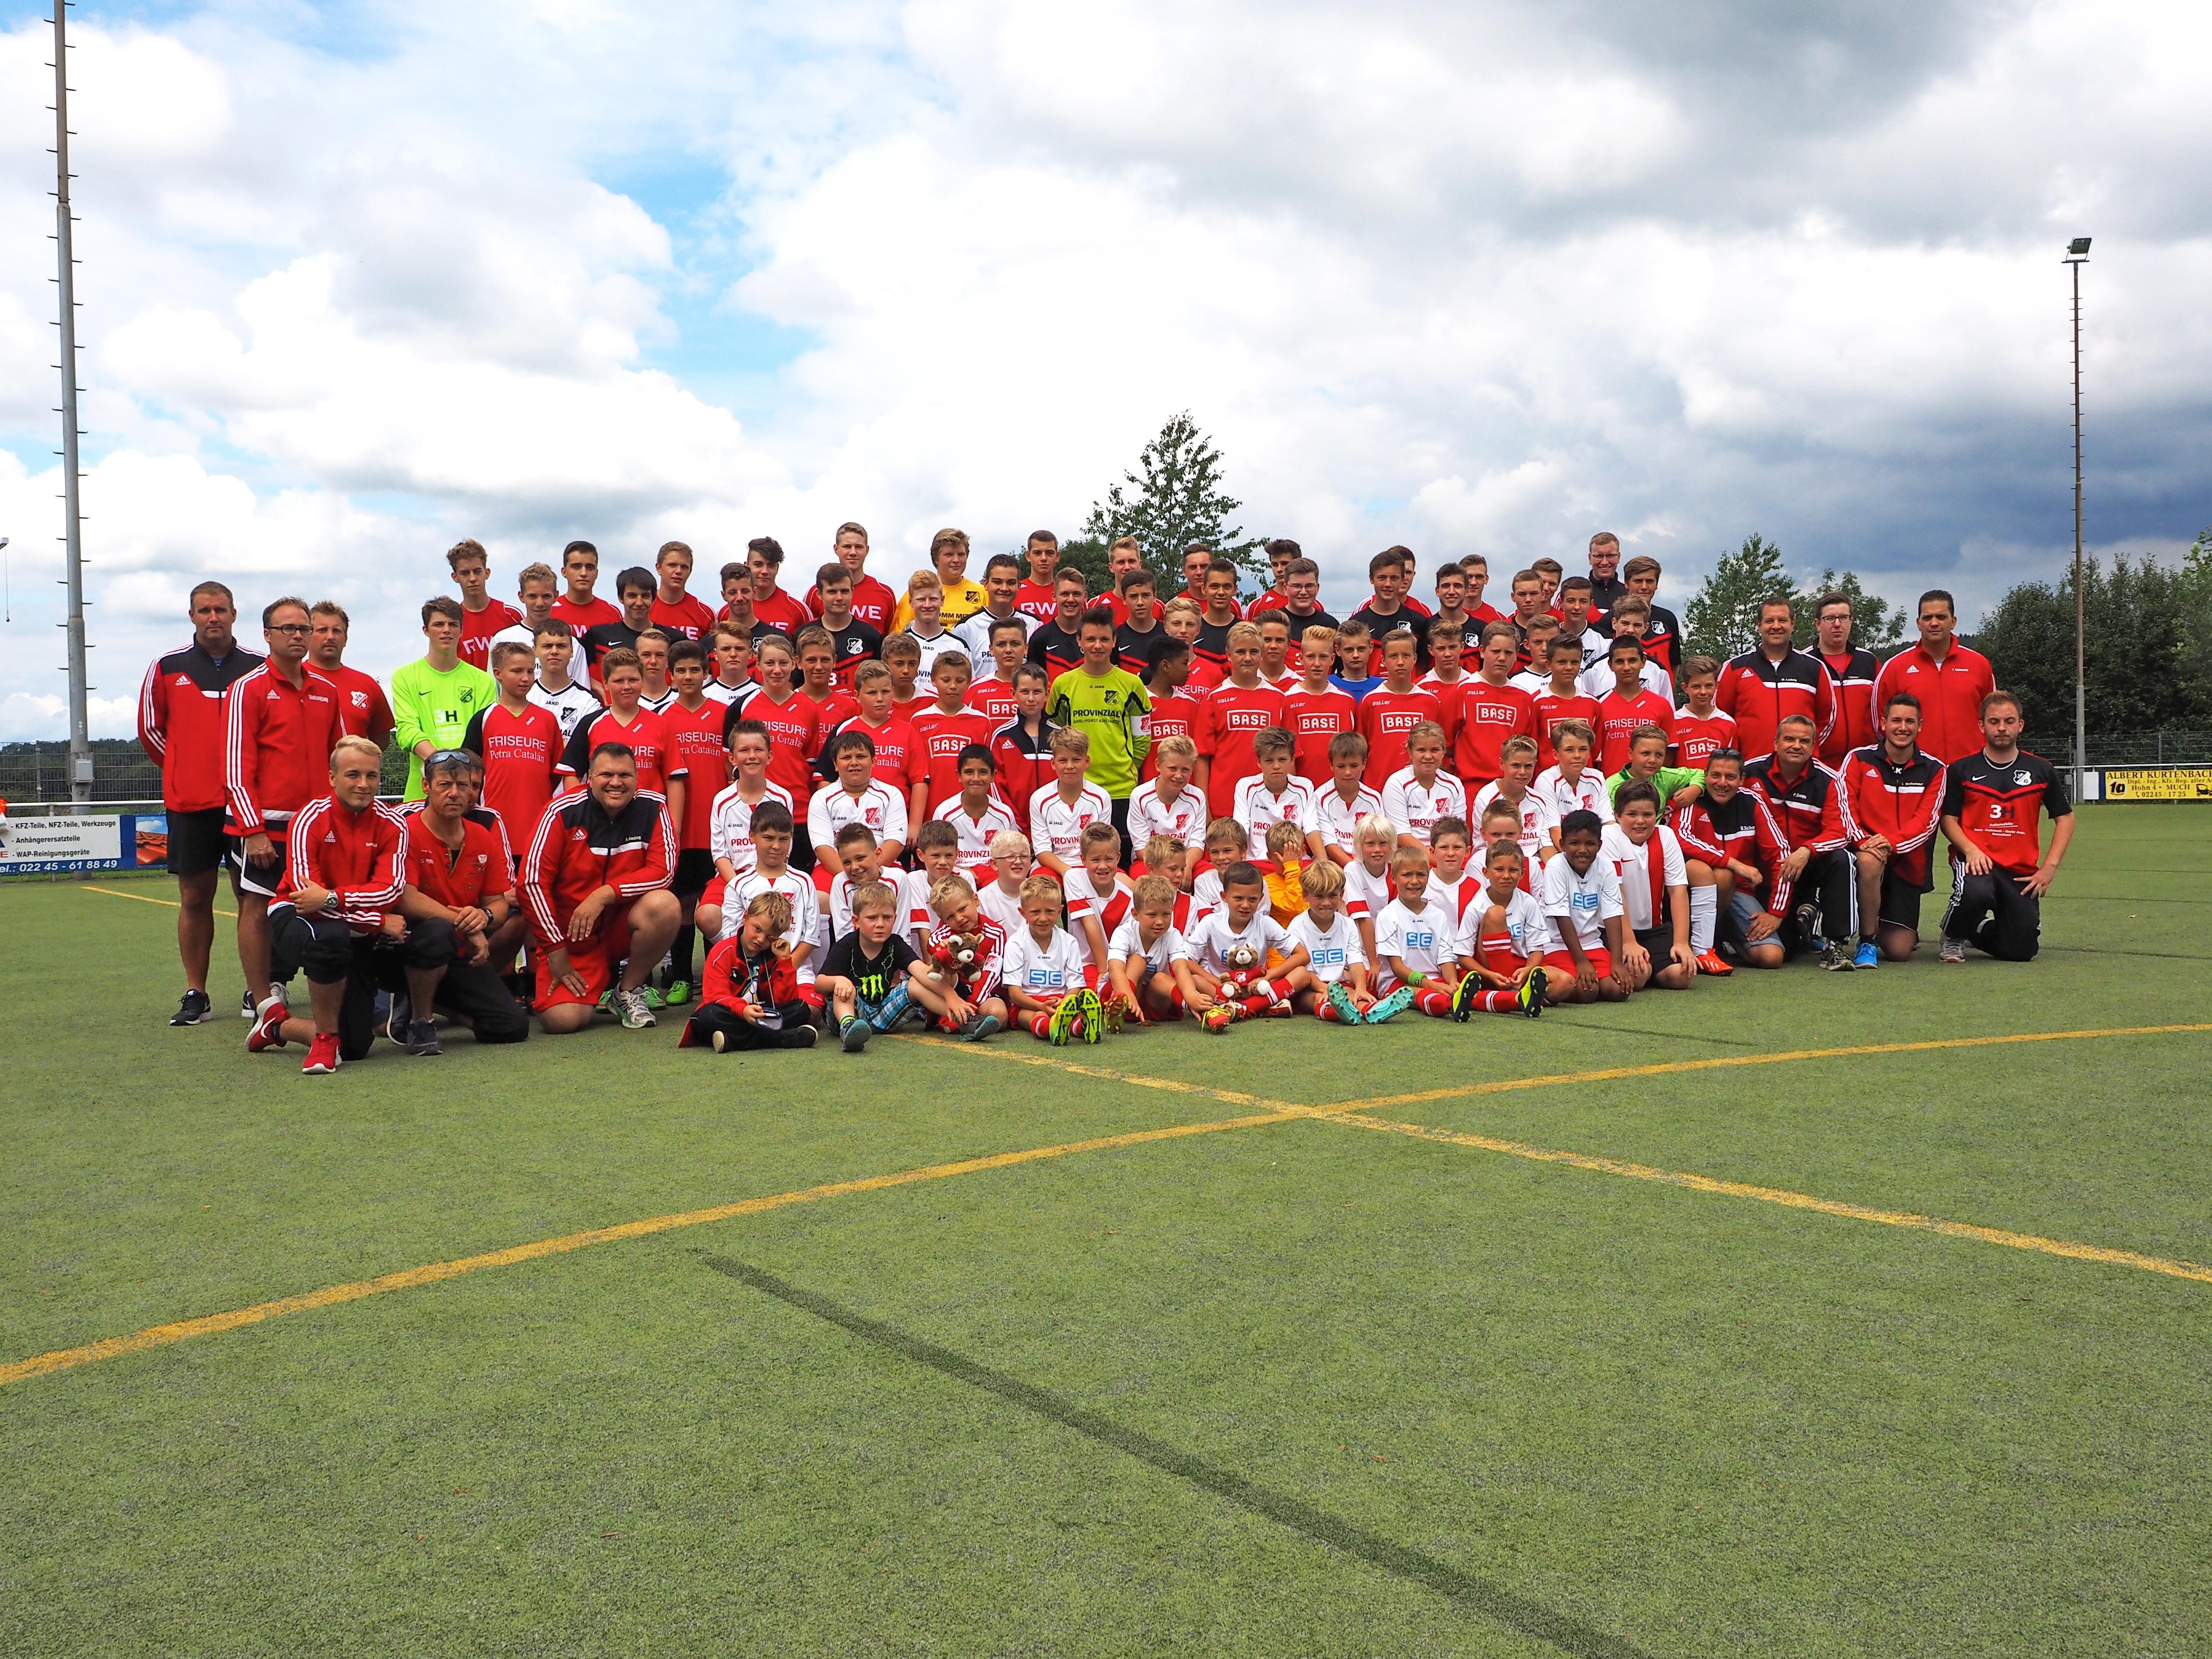 Jugendspieler/innen und Trainer 2015/16